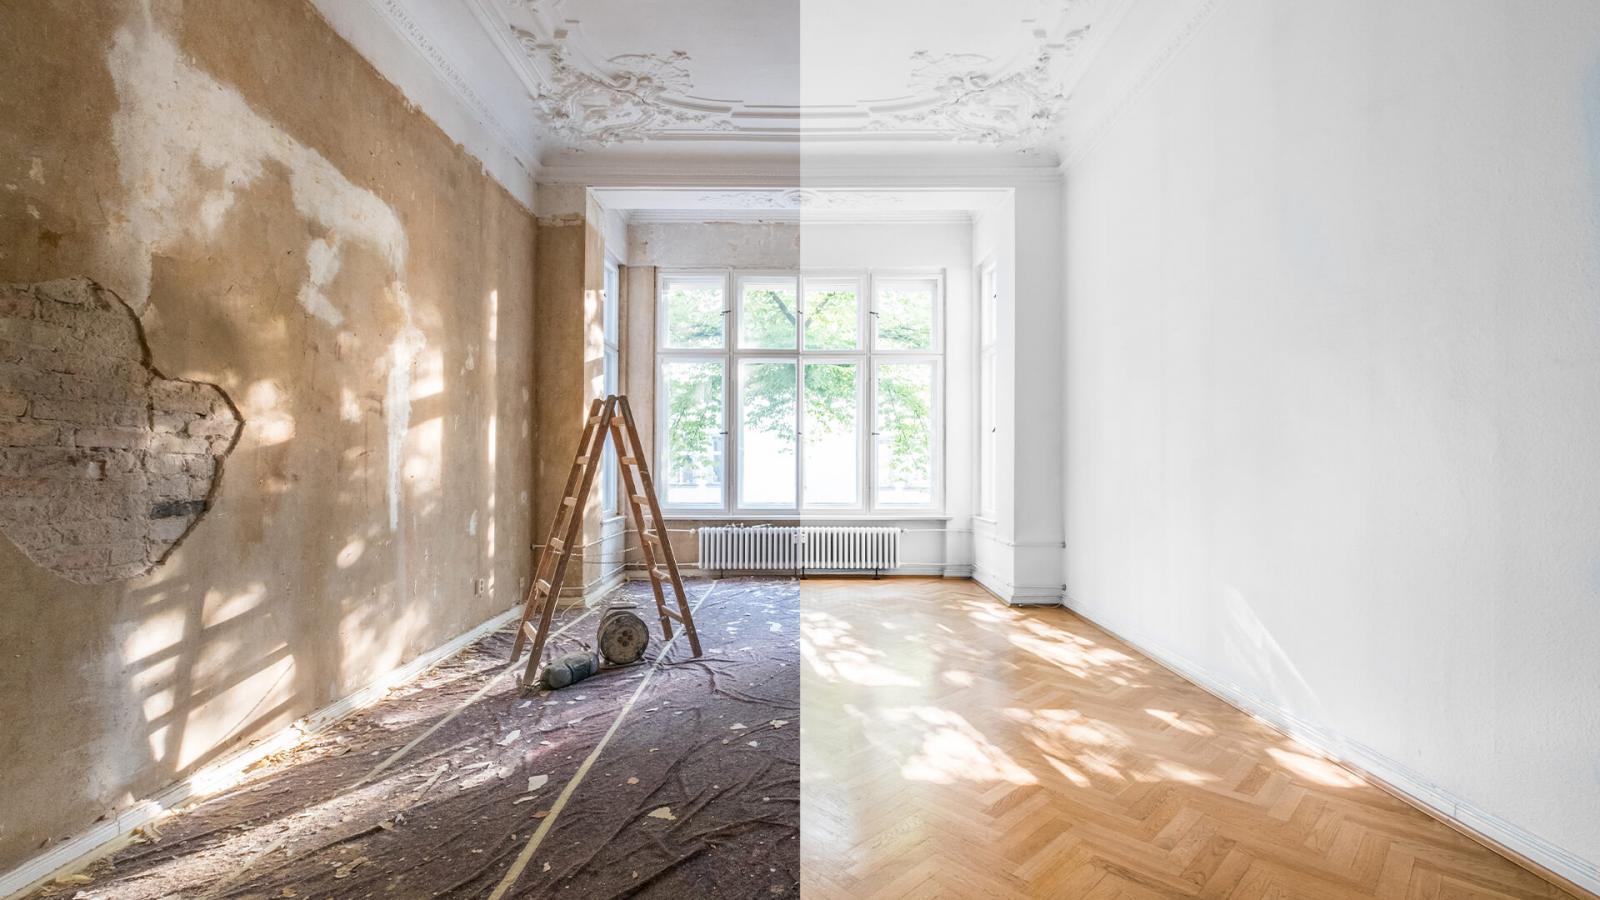 Những vấn đề cần làm rõ trước khi cải tạo nhà